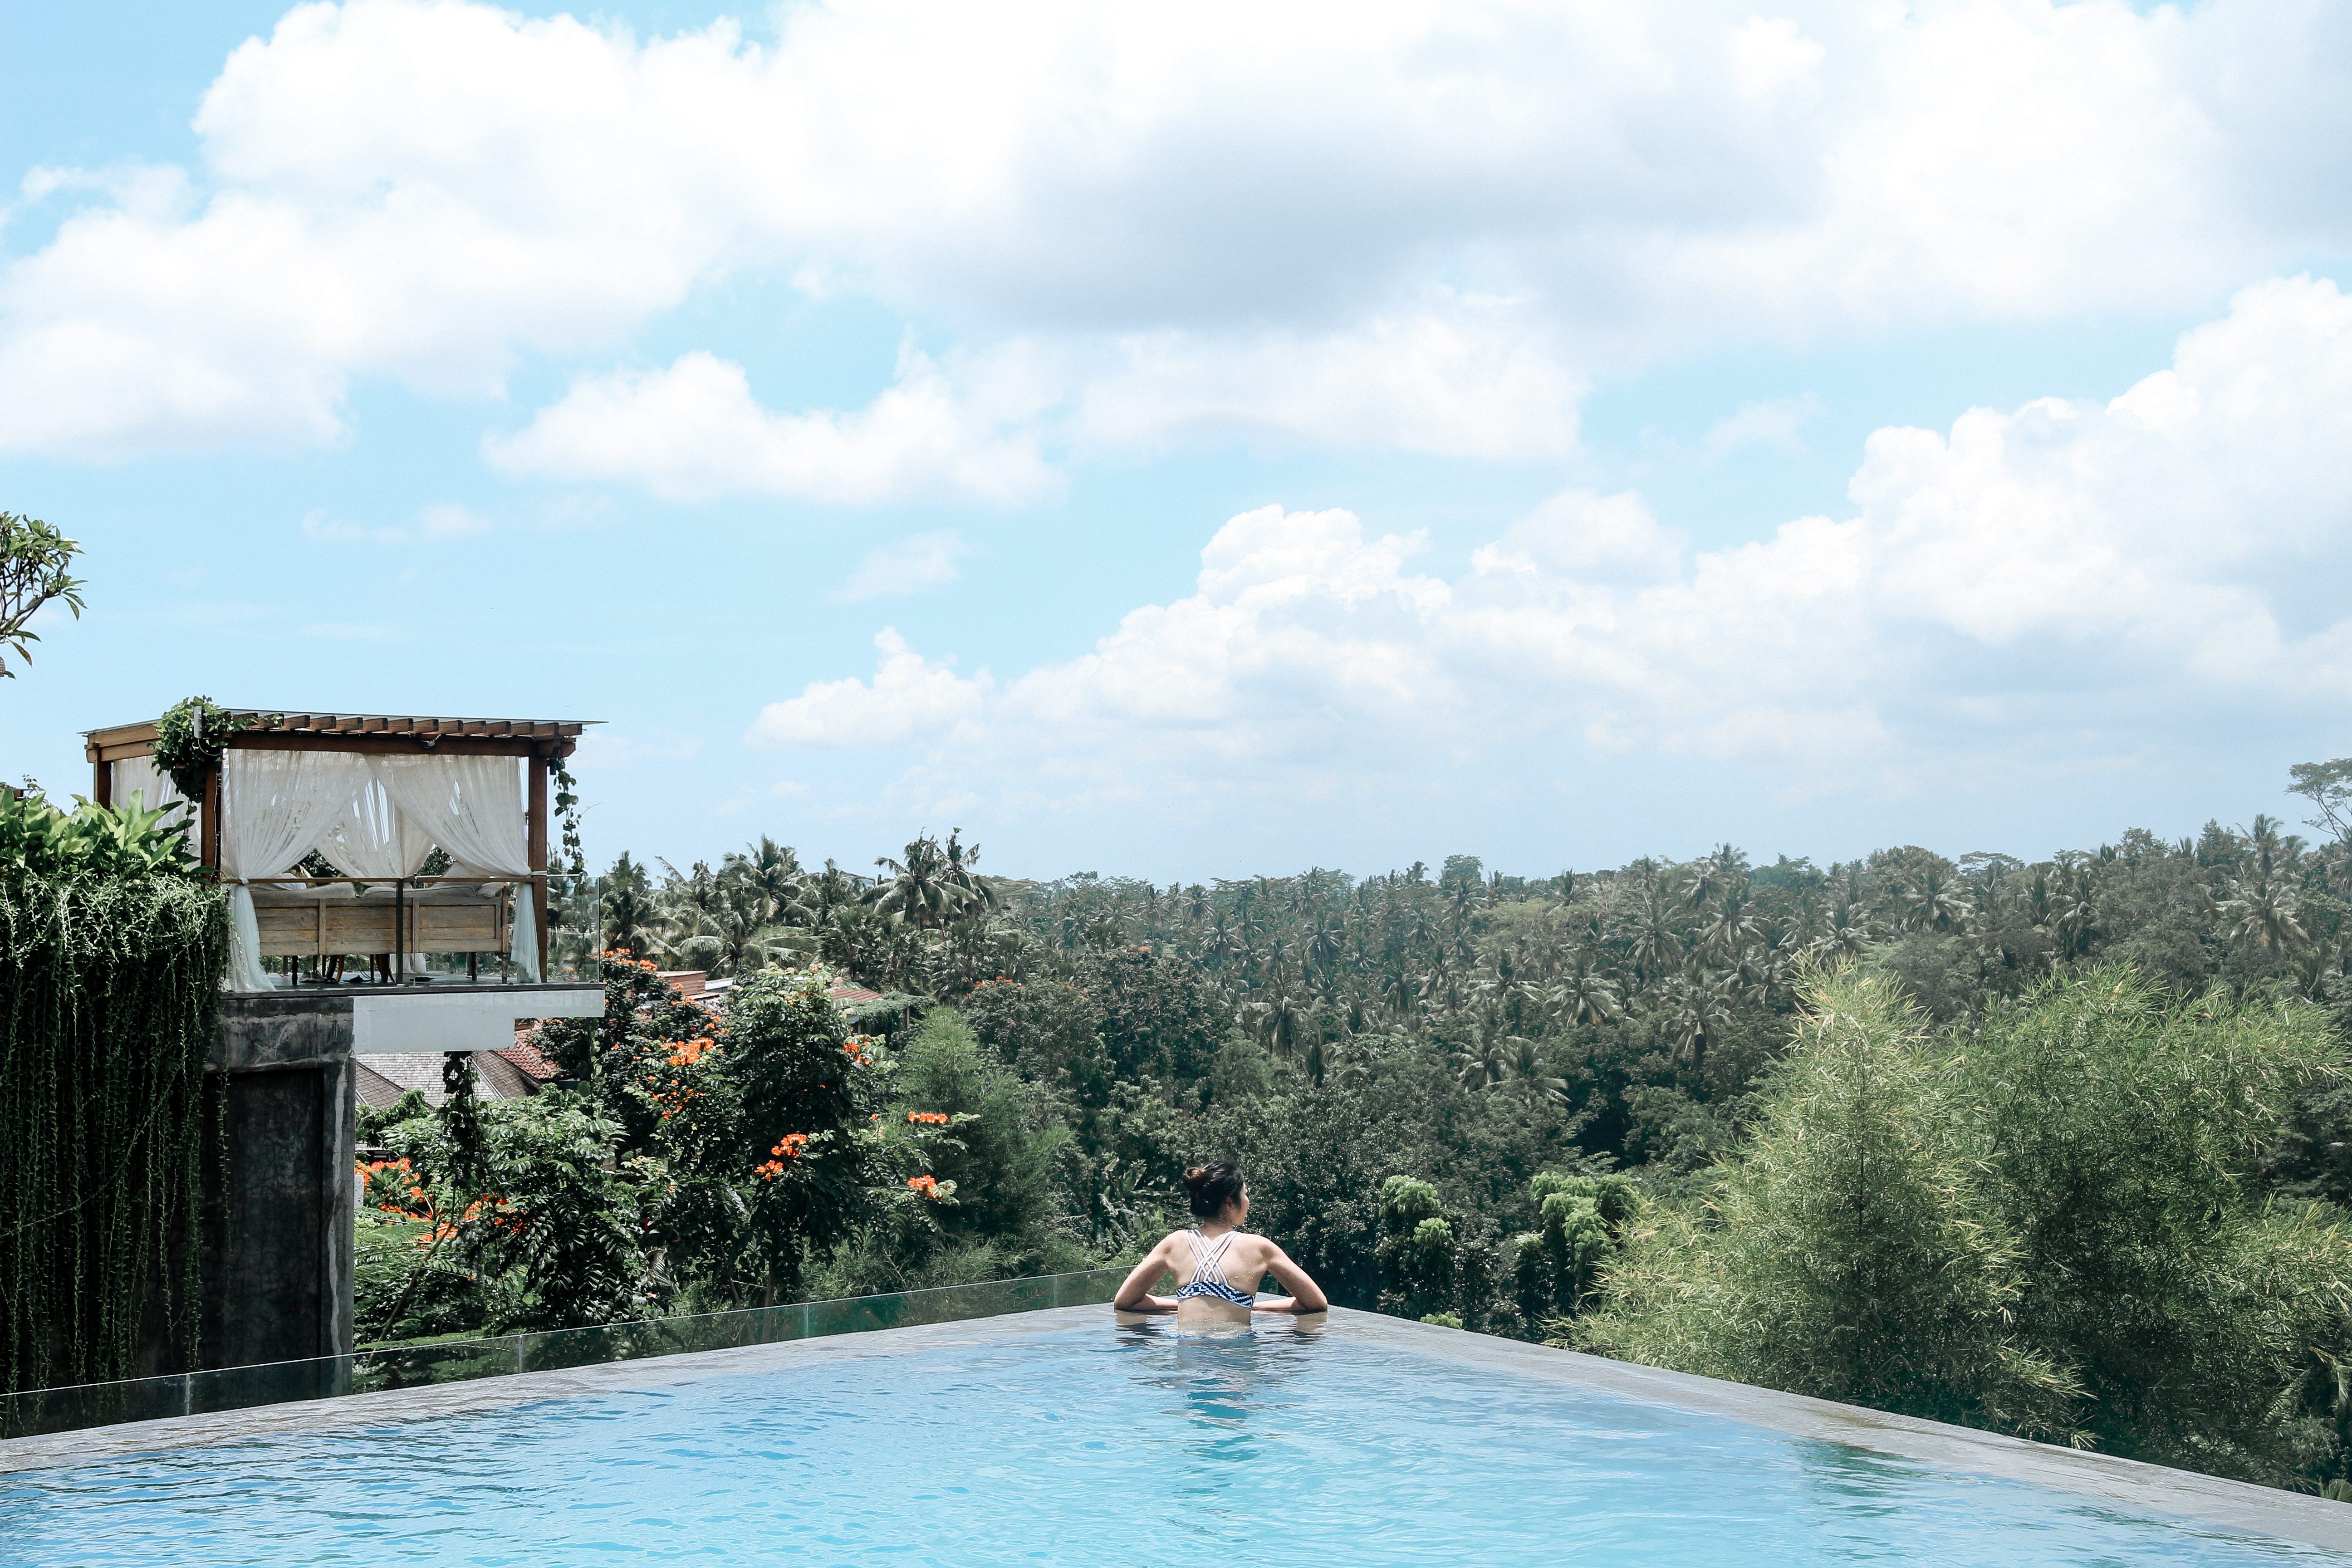 Bali bikini KissesVera-22